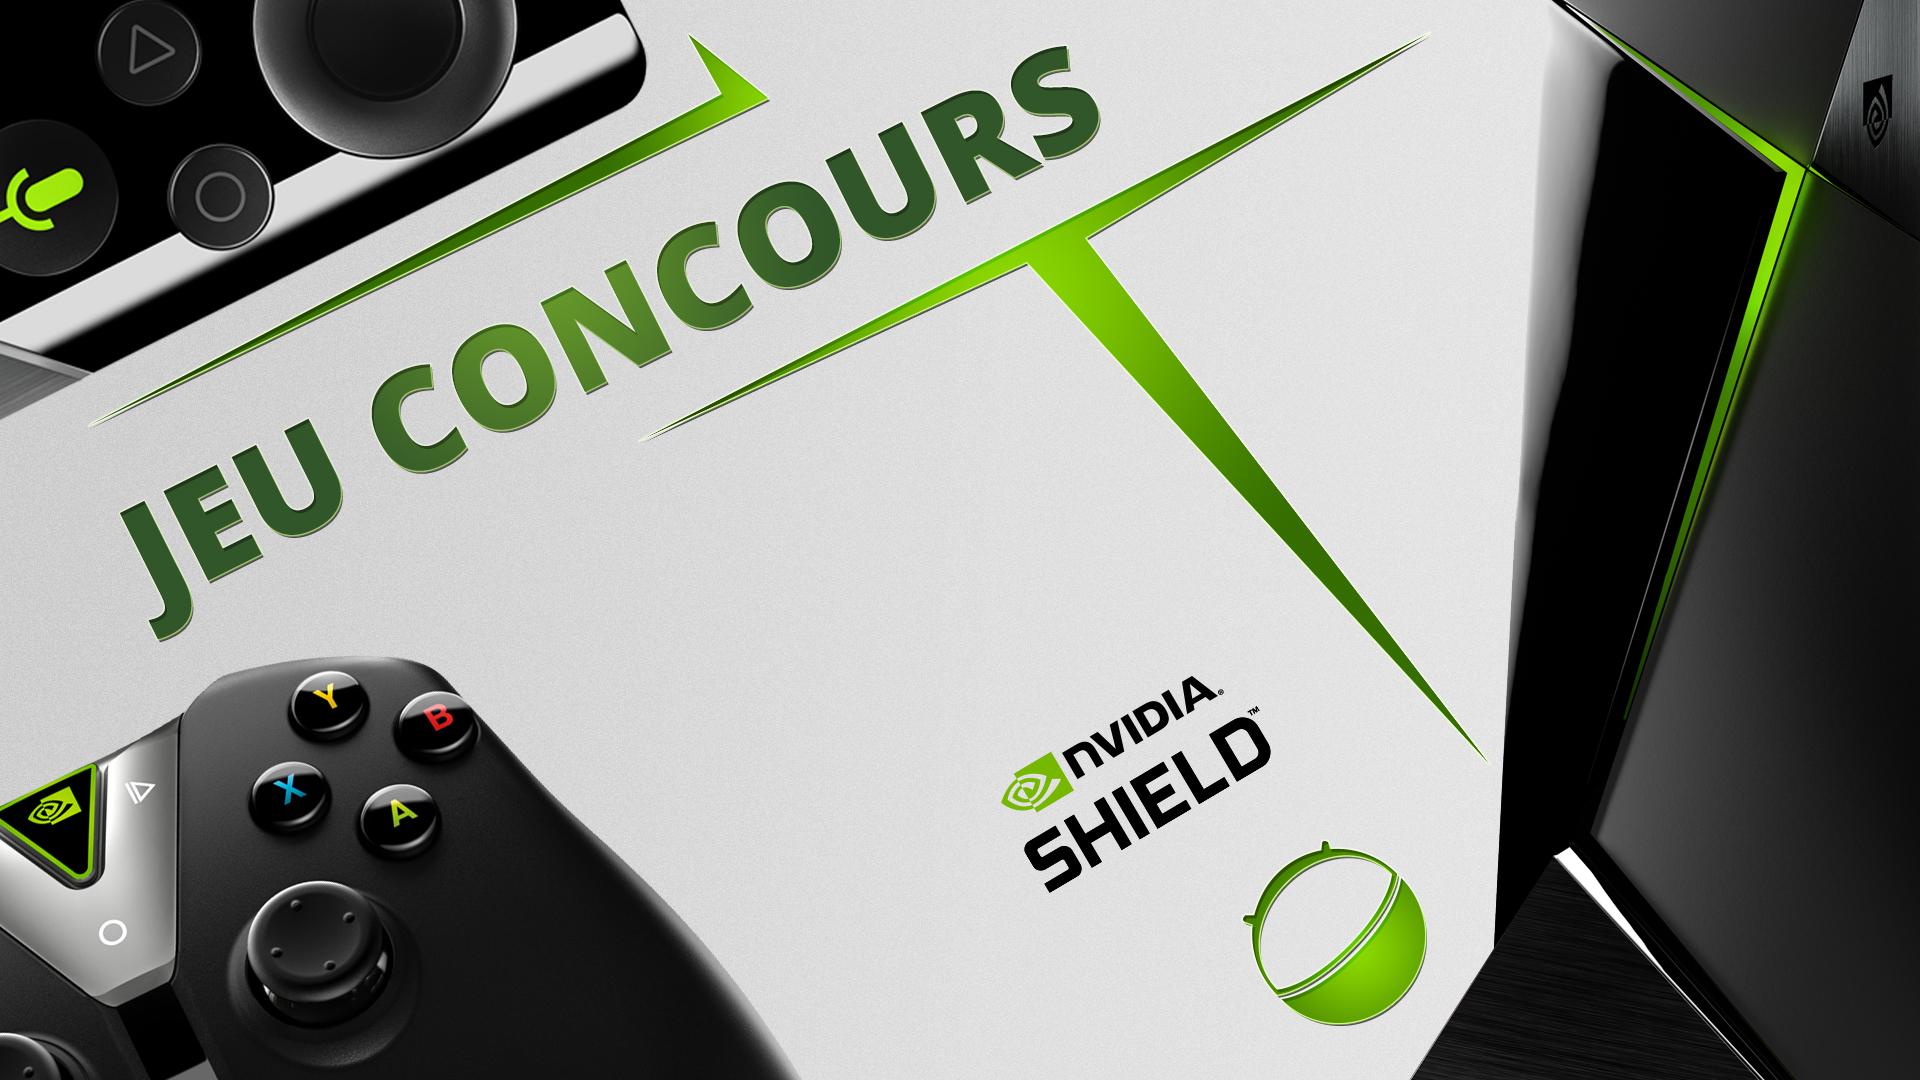 Jeu-concours : tentez de remporter une NVIDIA Shield Android TV 500 Go avec sa télécommande